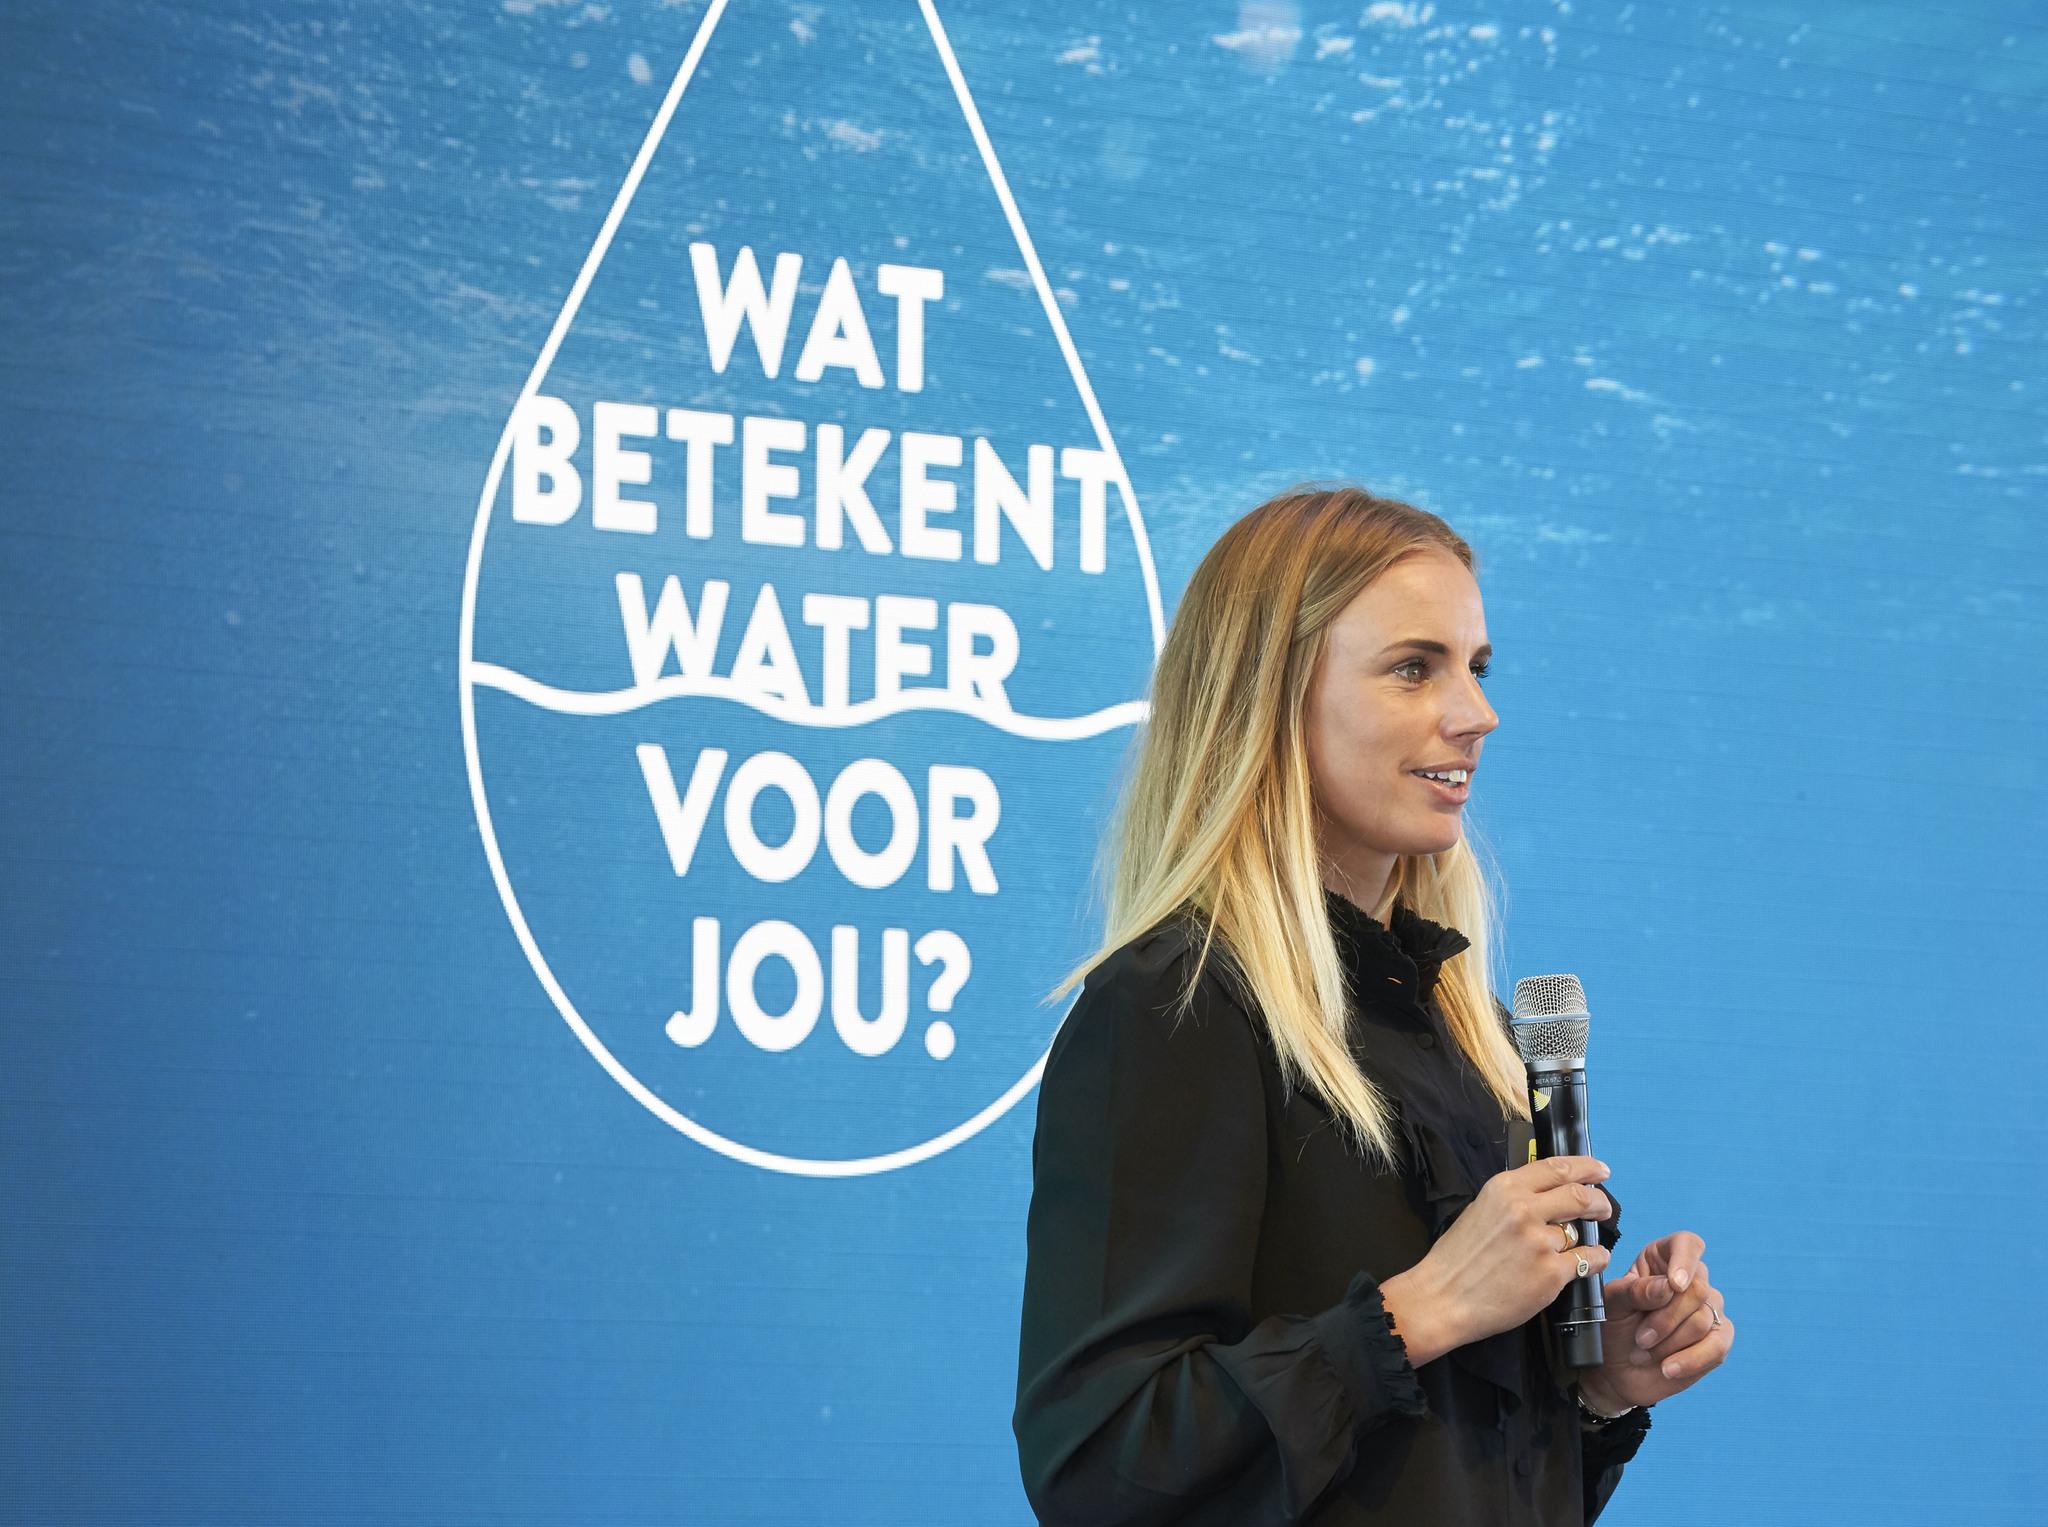 Olympisch zeilkampioene Marit Bouwmeester, ambassadrice van wat is de waarde van water - Grhe #water #grohe